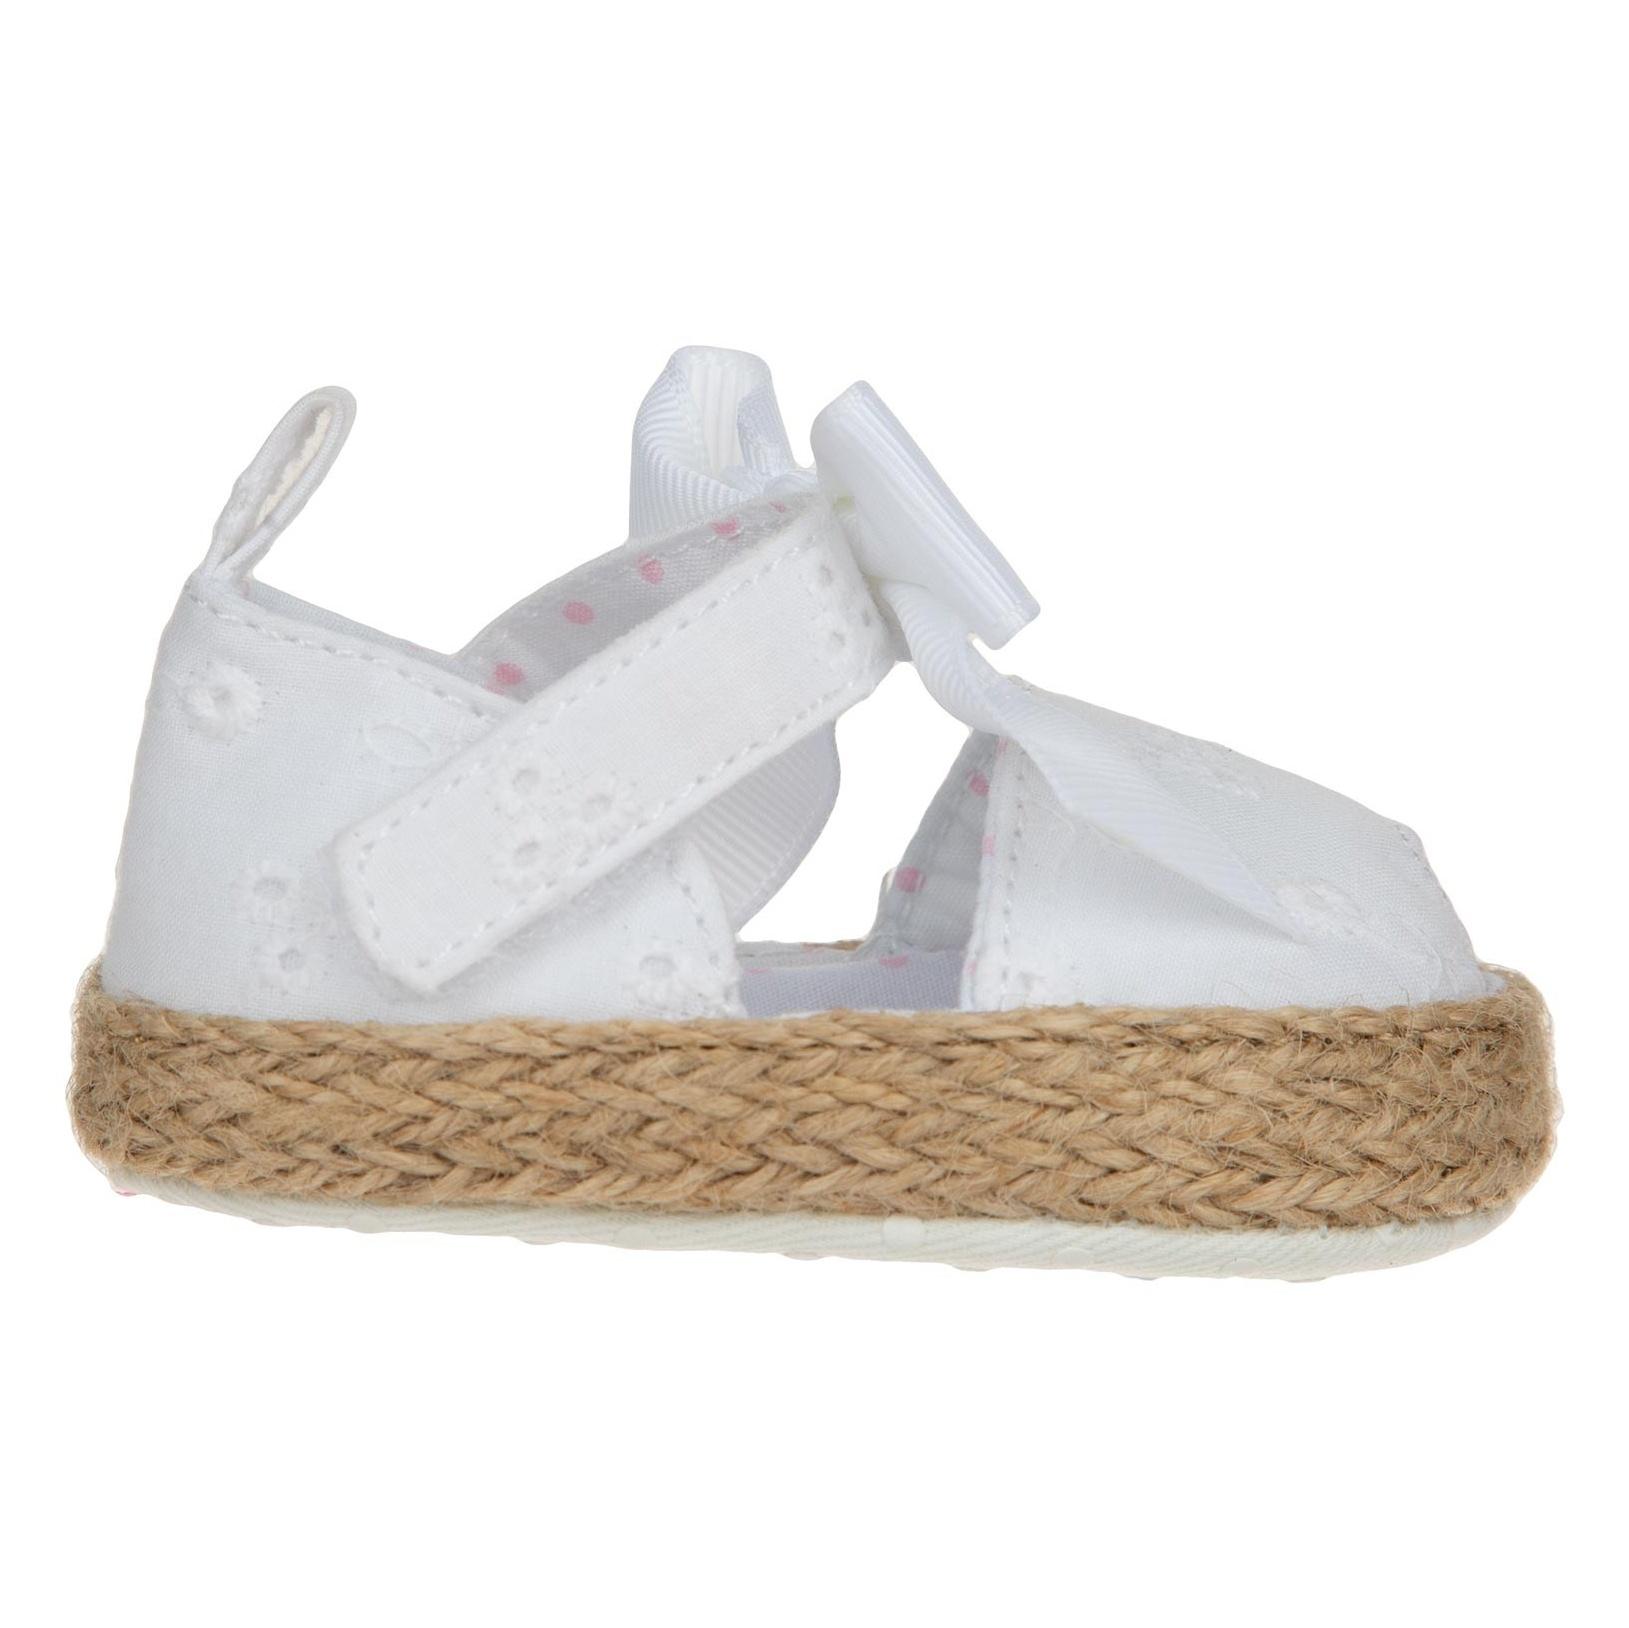 کفش پارچه ای نوزادی - بلوکیدز - نيلي - 1